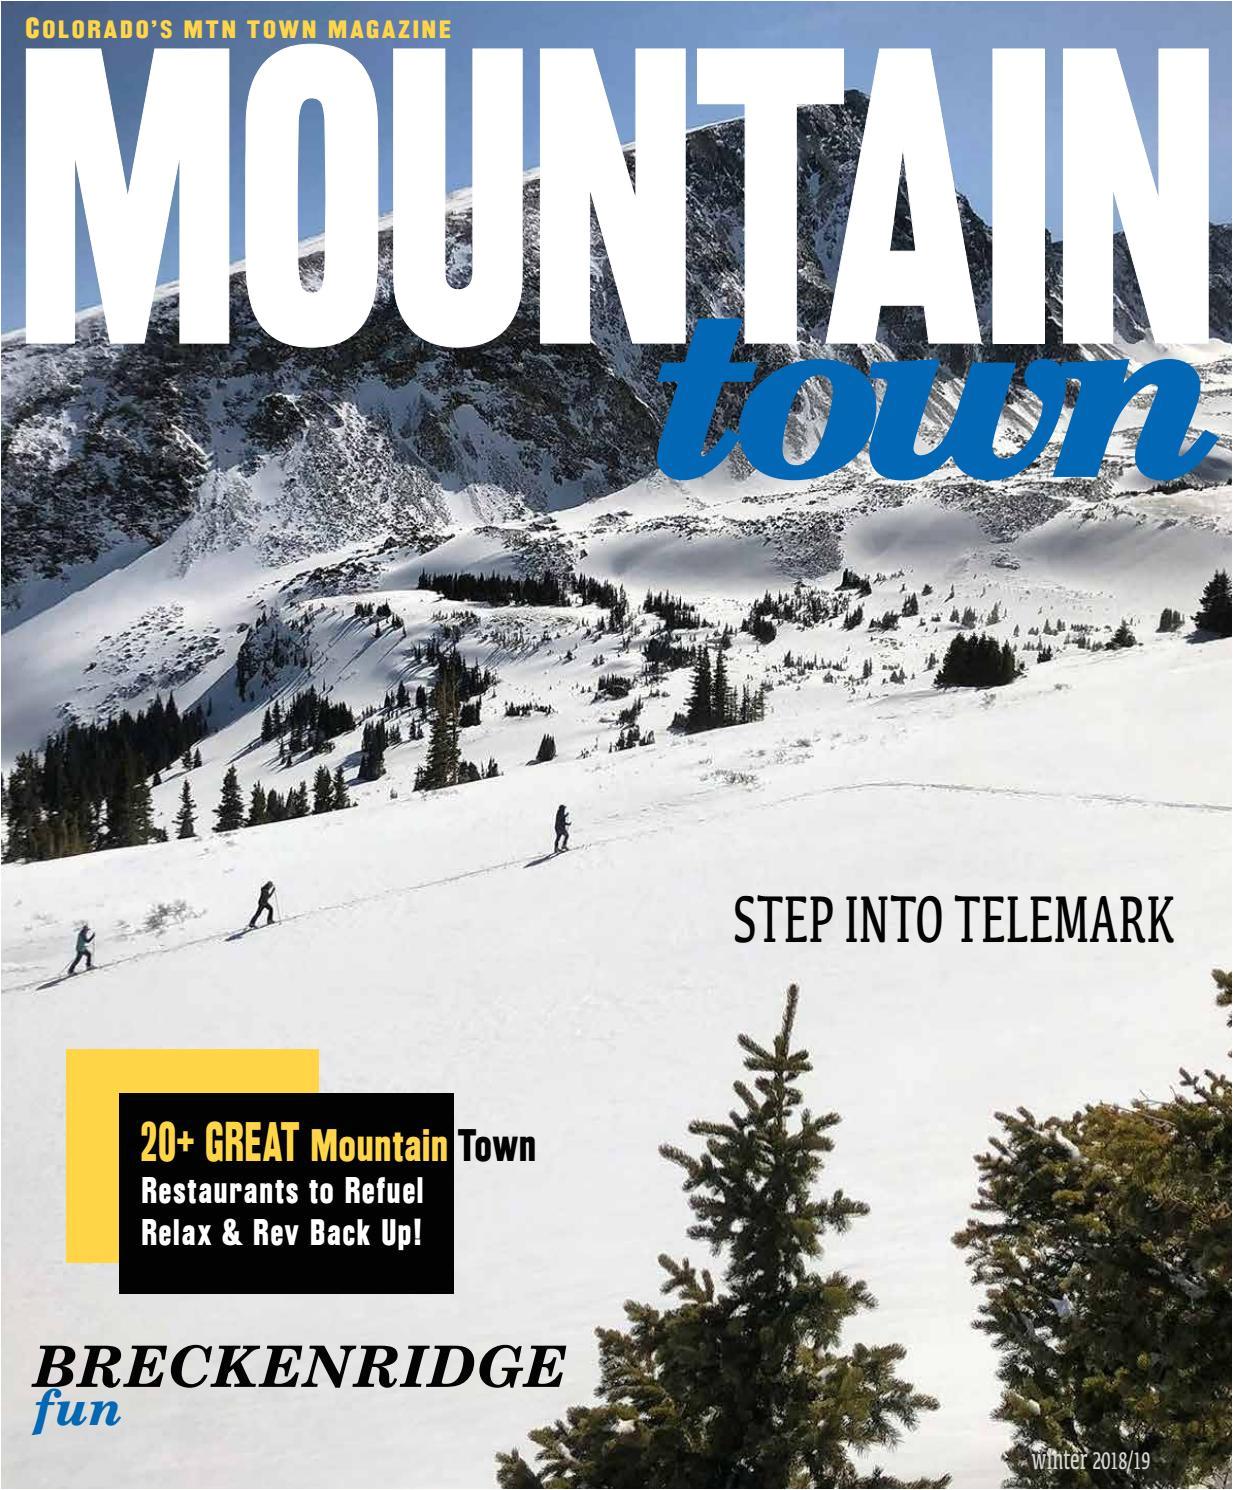 mountain town magazine colorado winter 2018 19 by mountain town magazine issuu